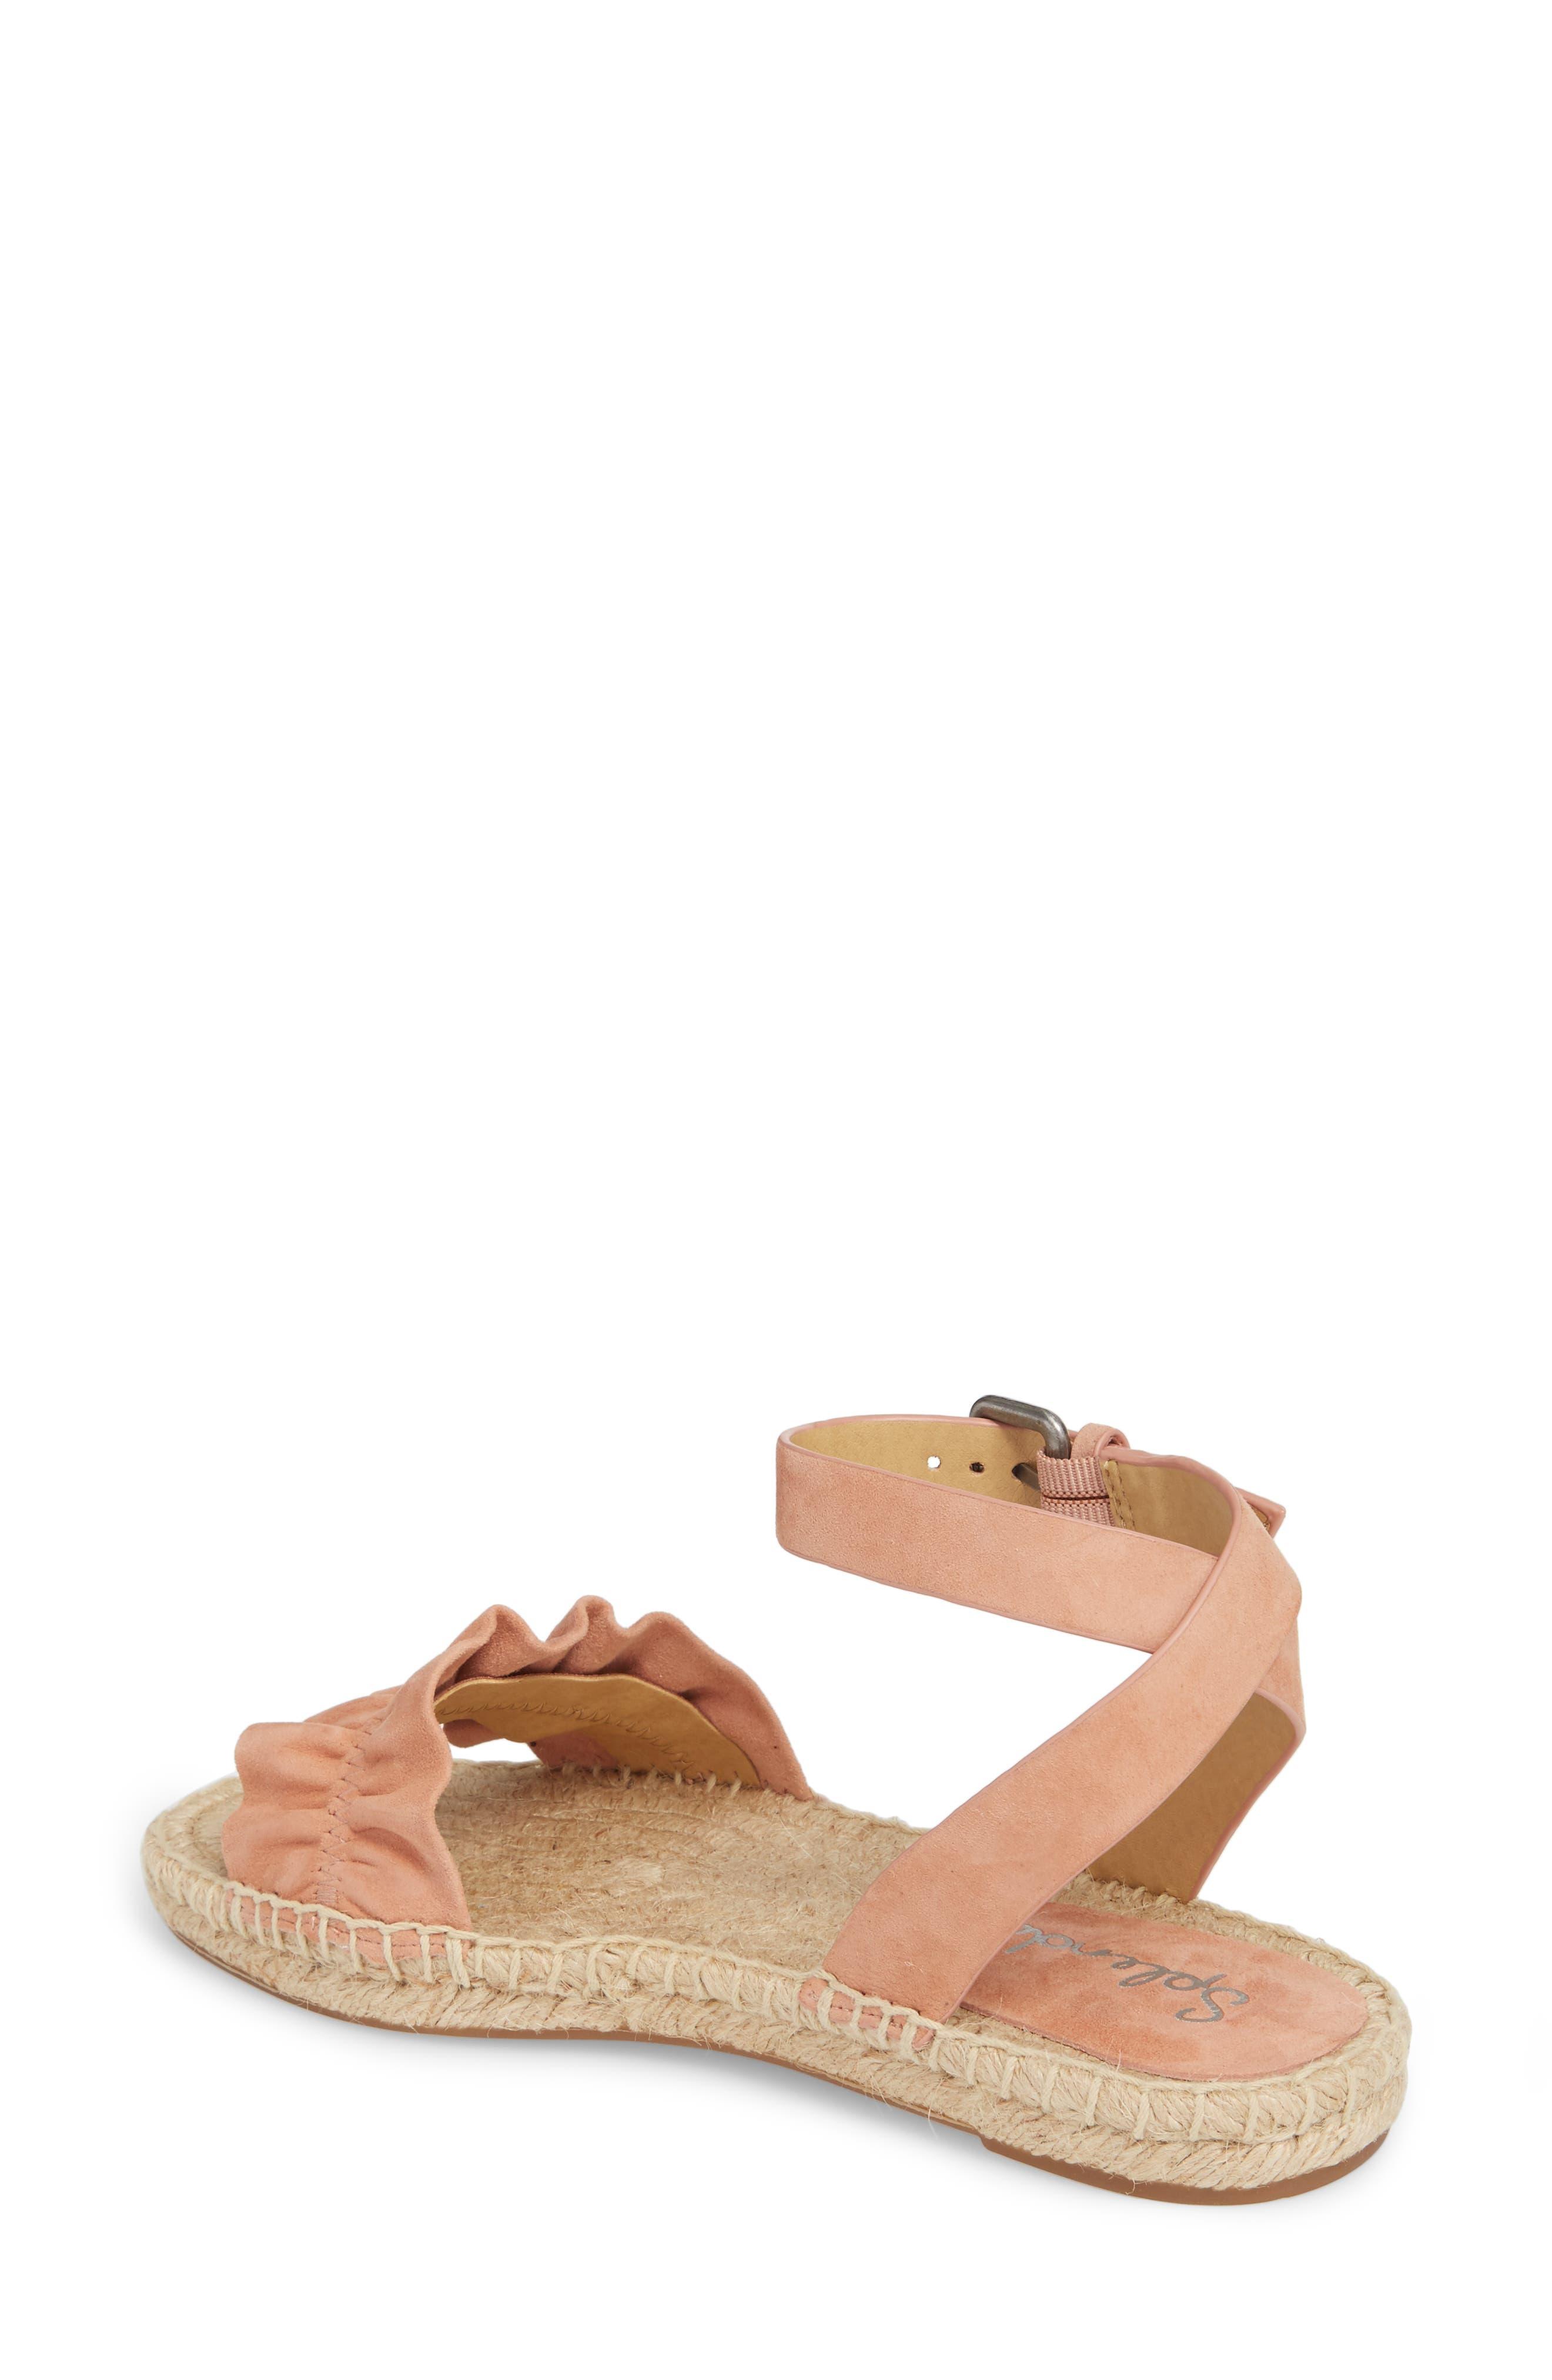 Alternate Image 2  - Splendid Becca Ruffled Espadrille Sandal (Women)